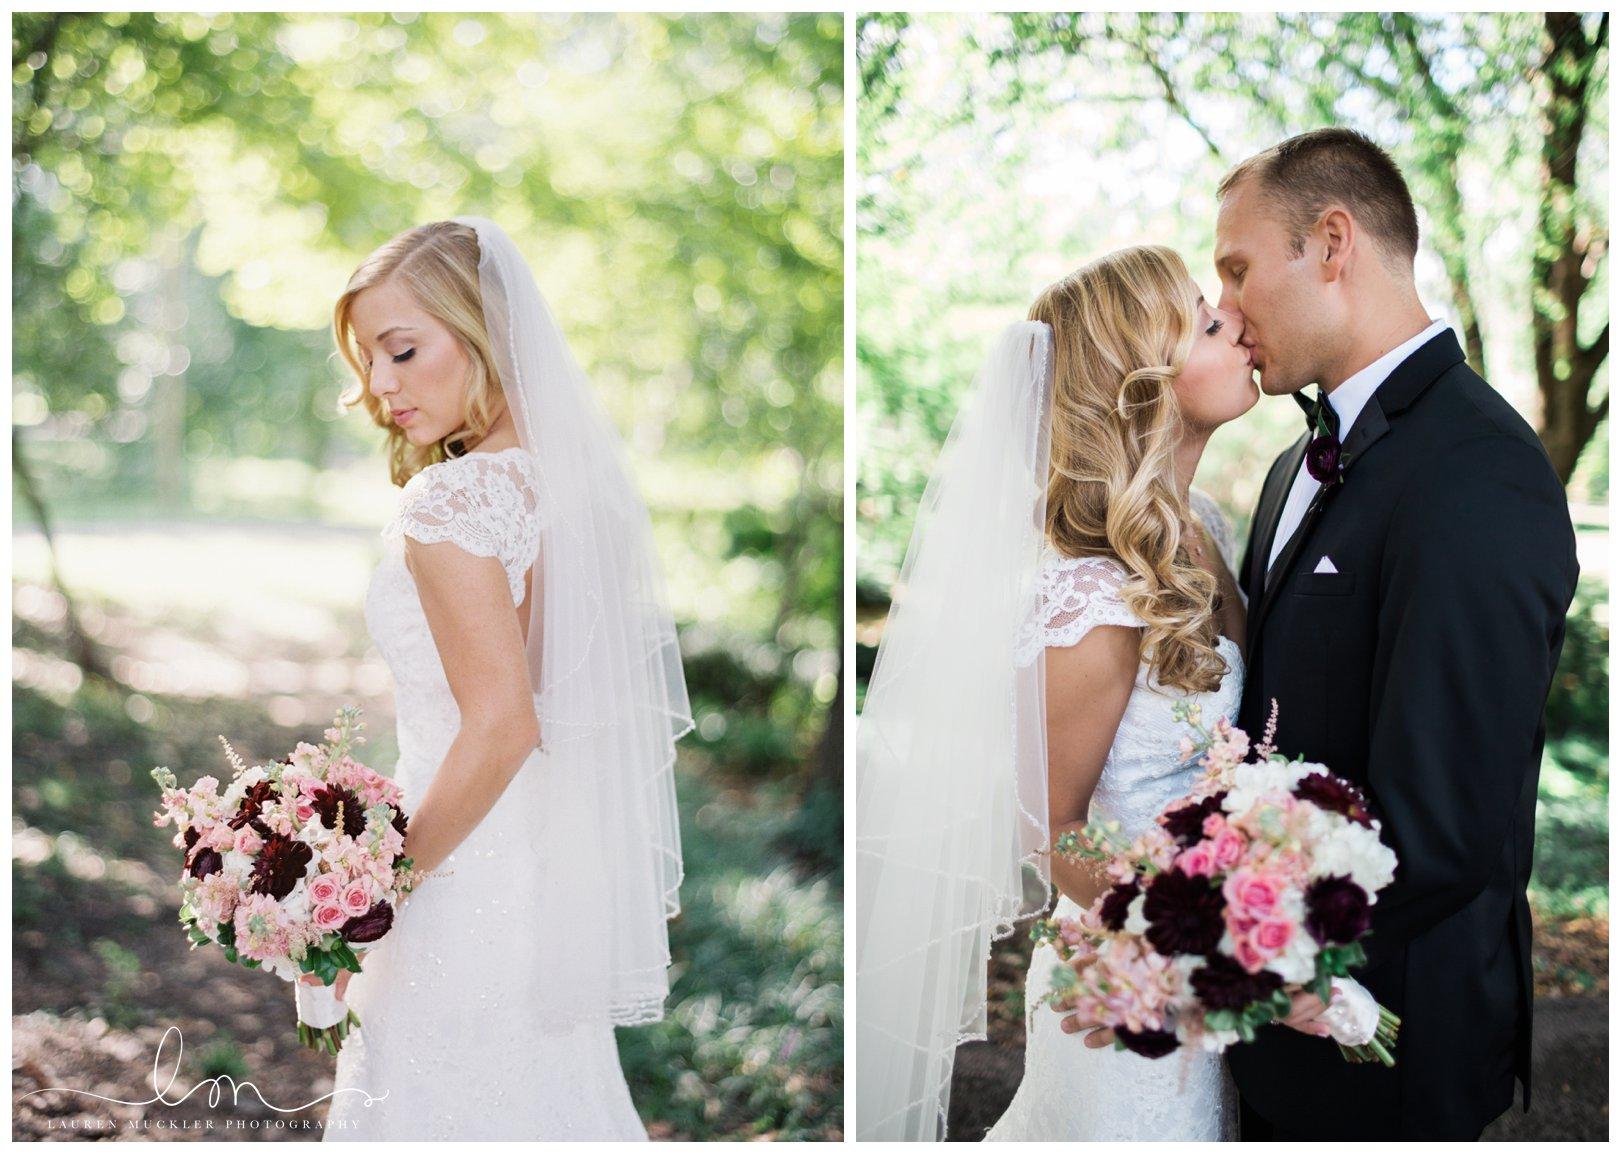 lauren muckler photography_fine art film wedding photography_st louis_photography_0817.jpg